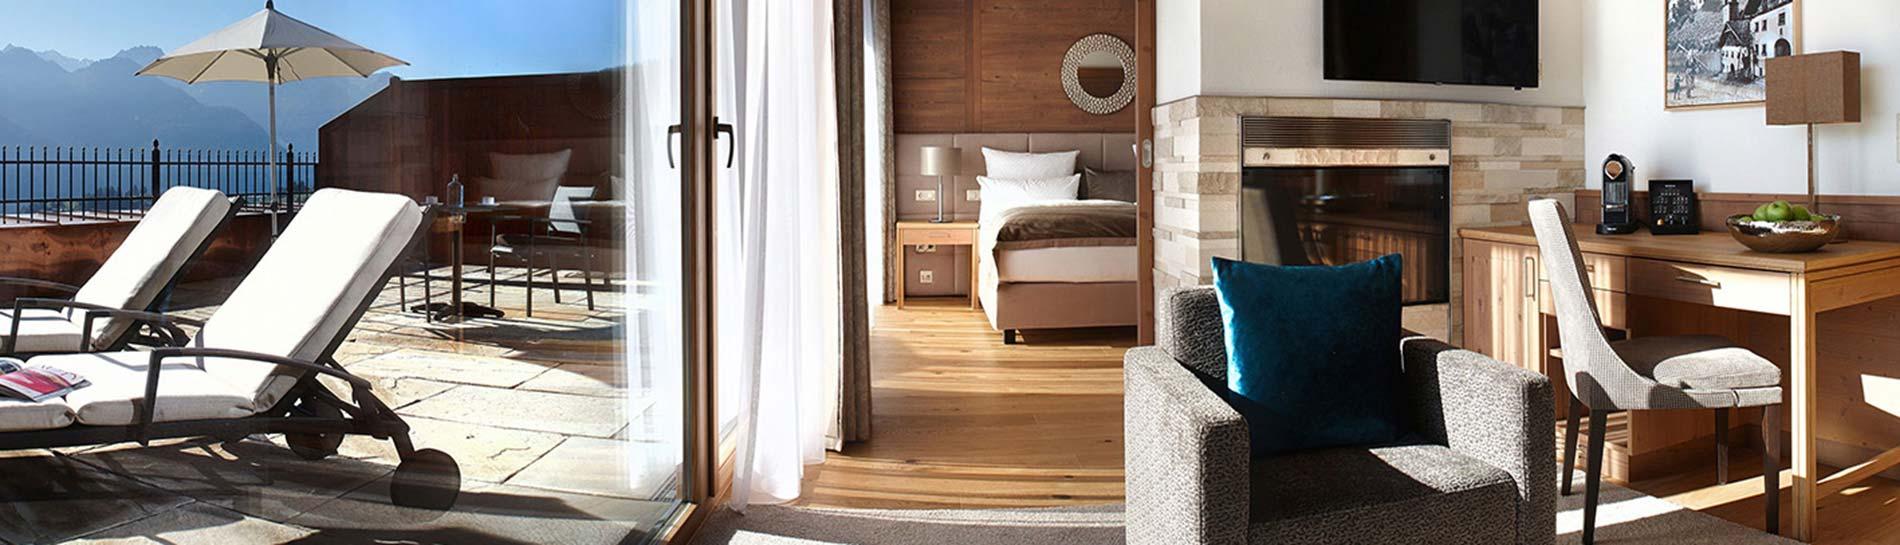 5 star wellnesshotel Schlosshotel Fiss Tyrol